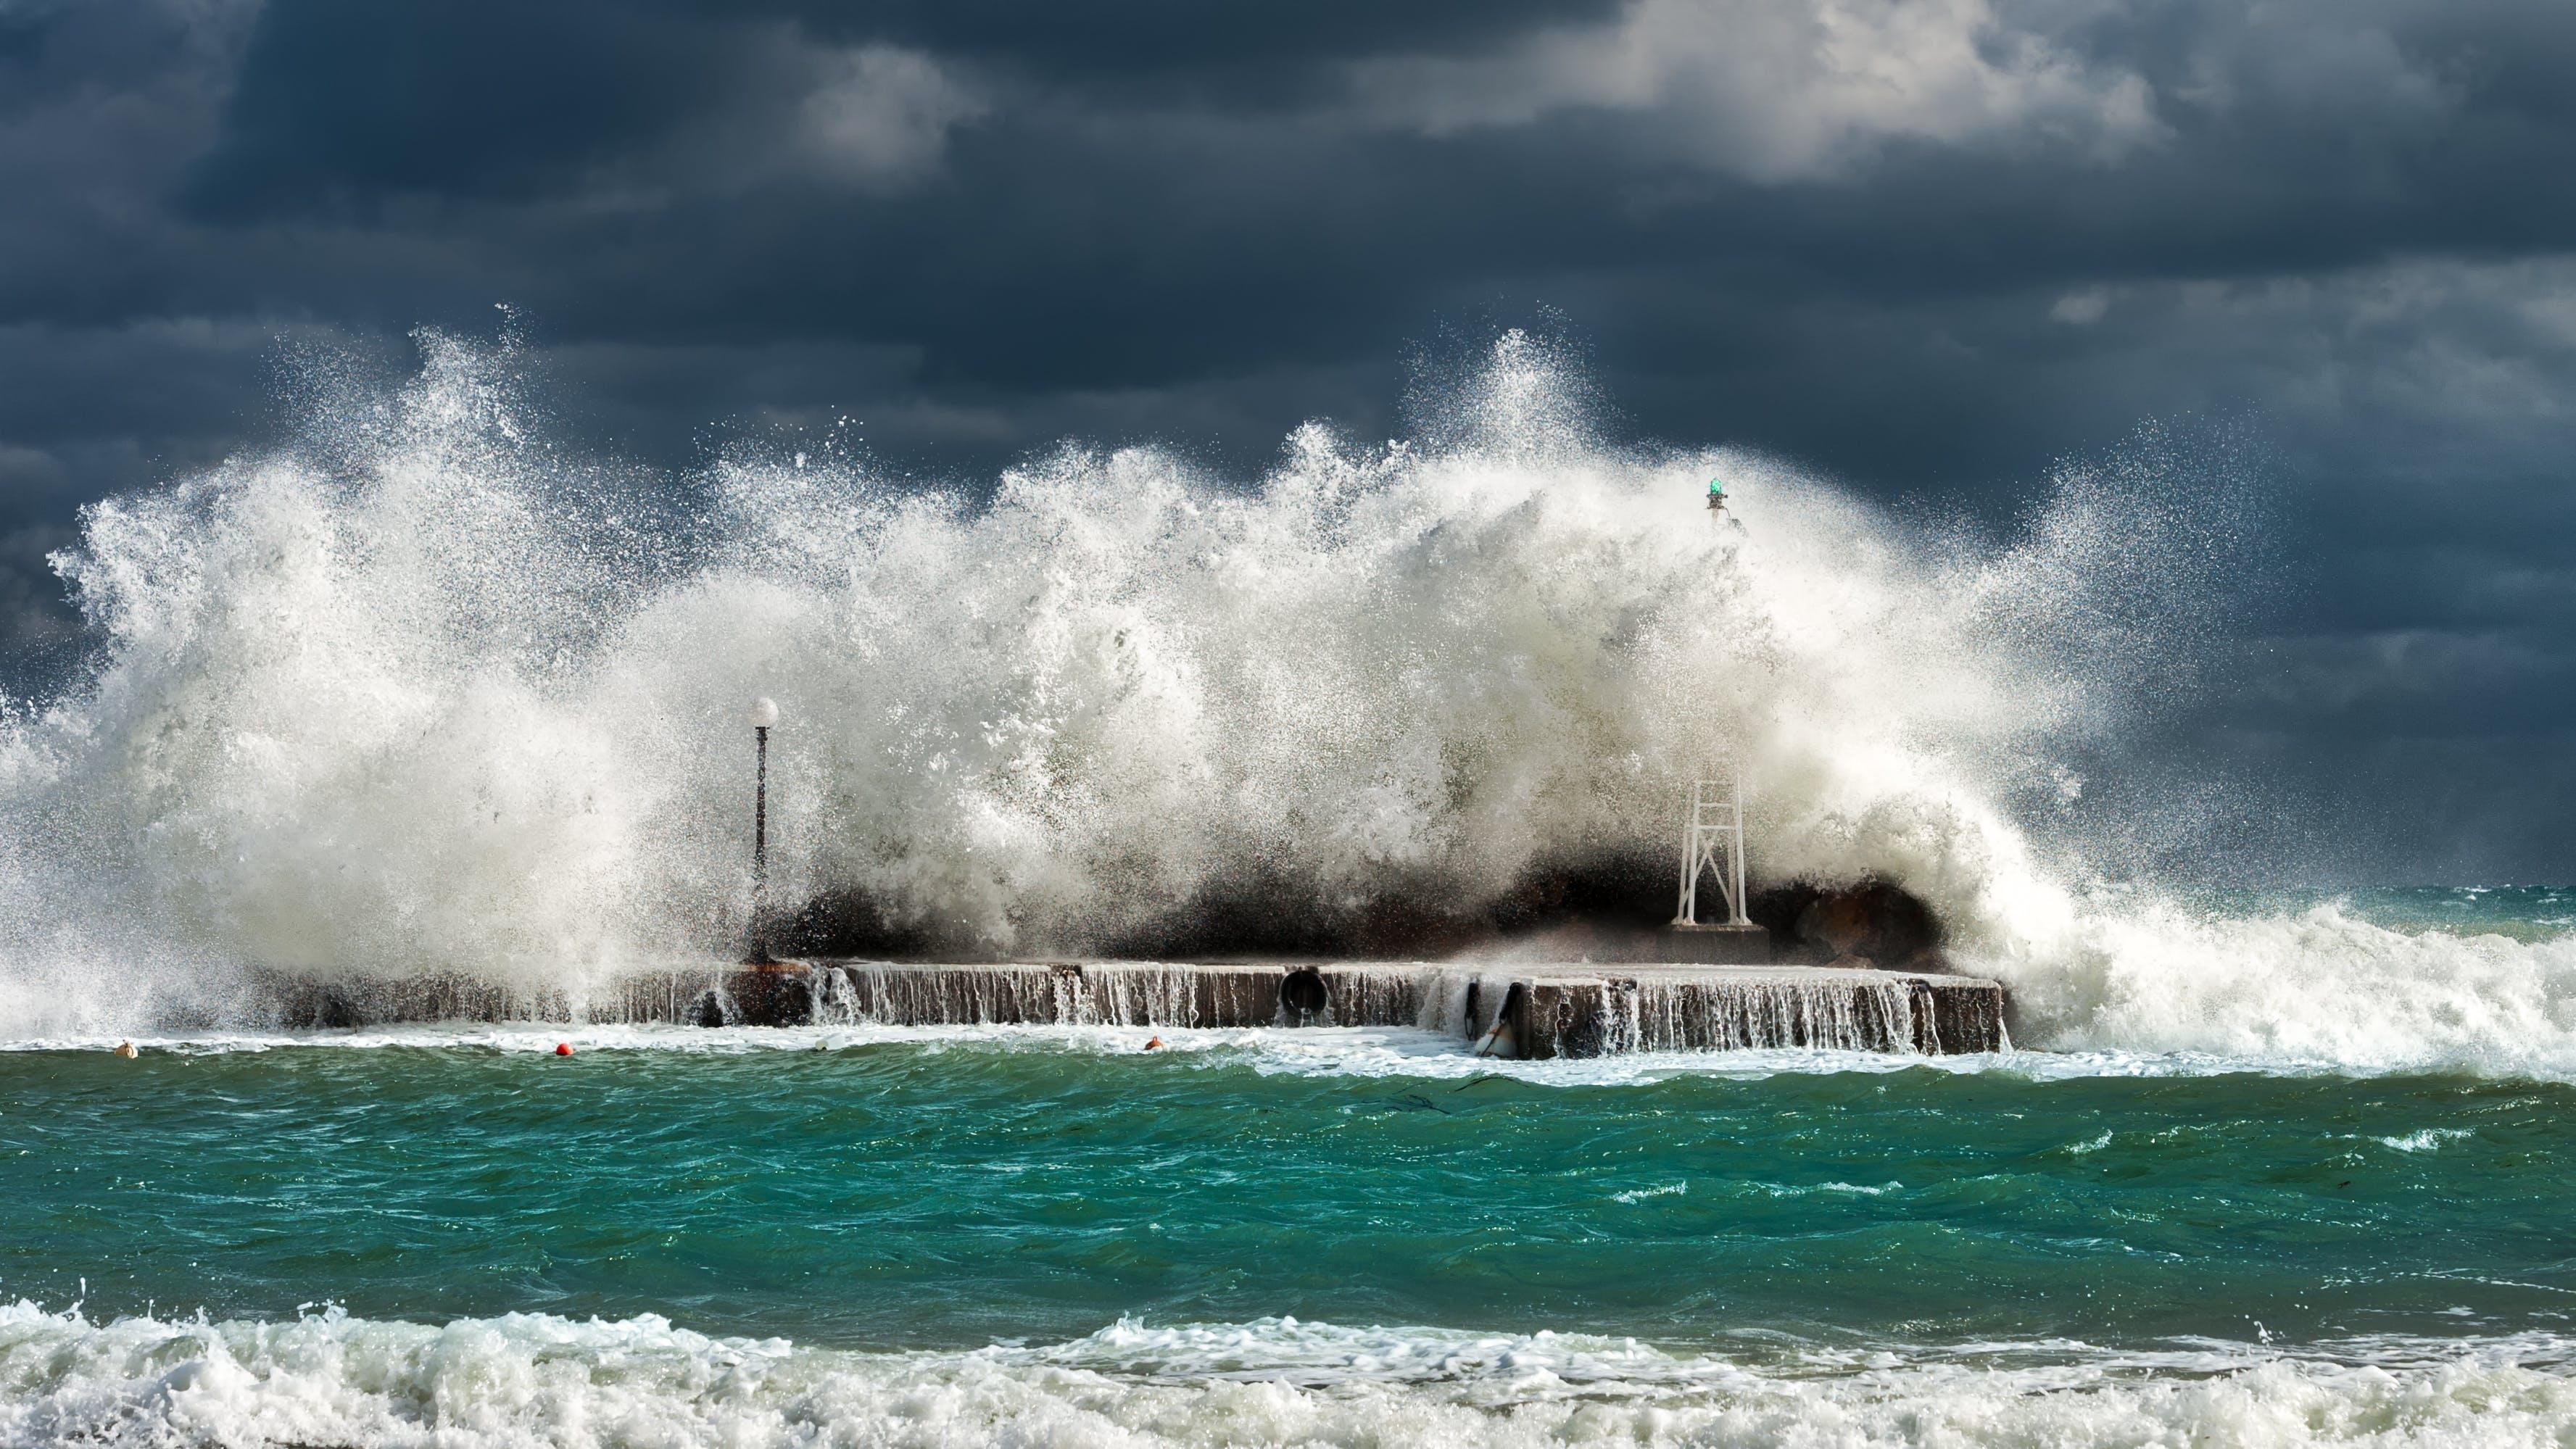 Kostenloses Stock Foto zu absturz, am meer, betonstruktur, bewölkter himmel